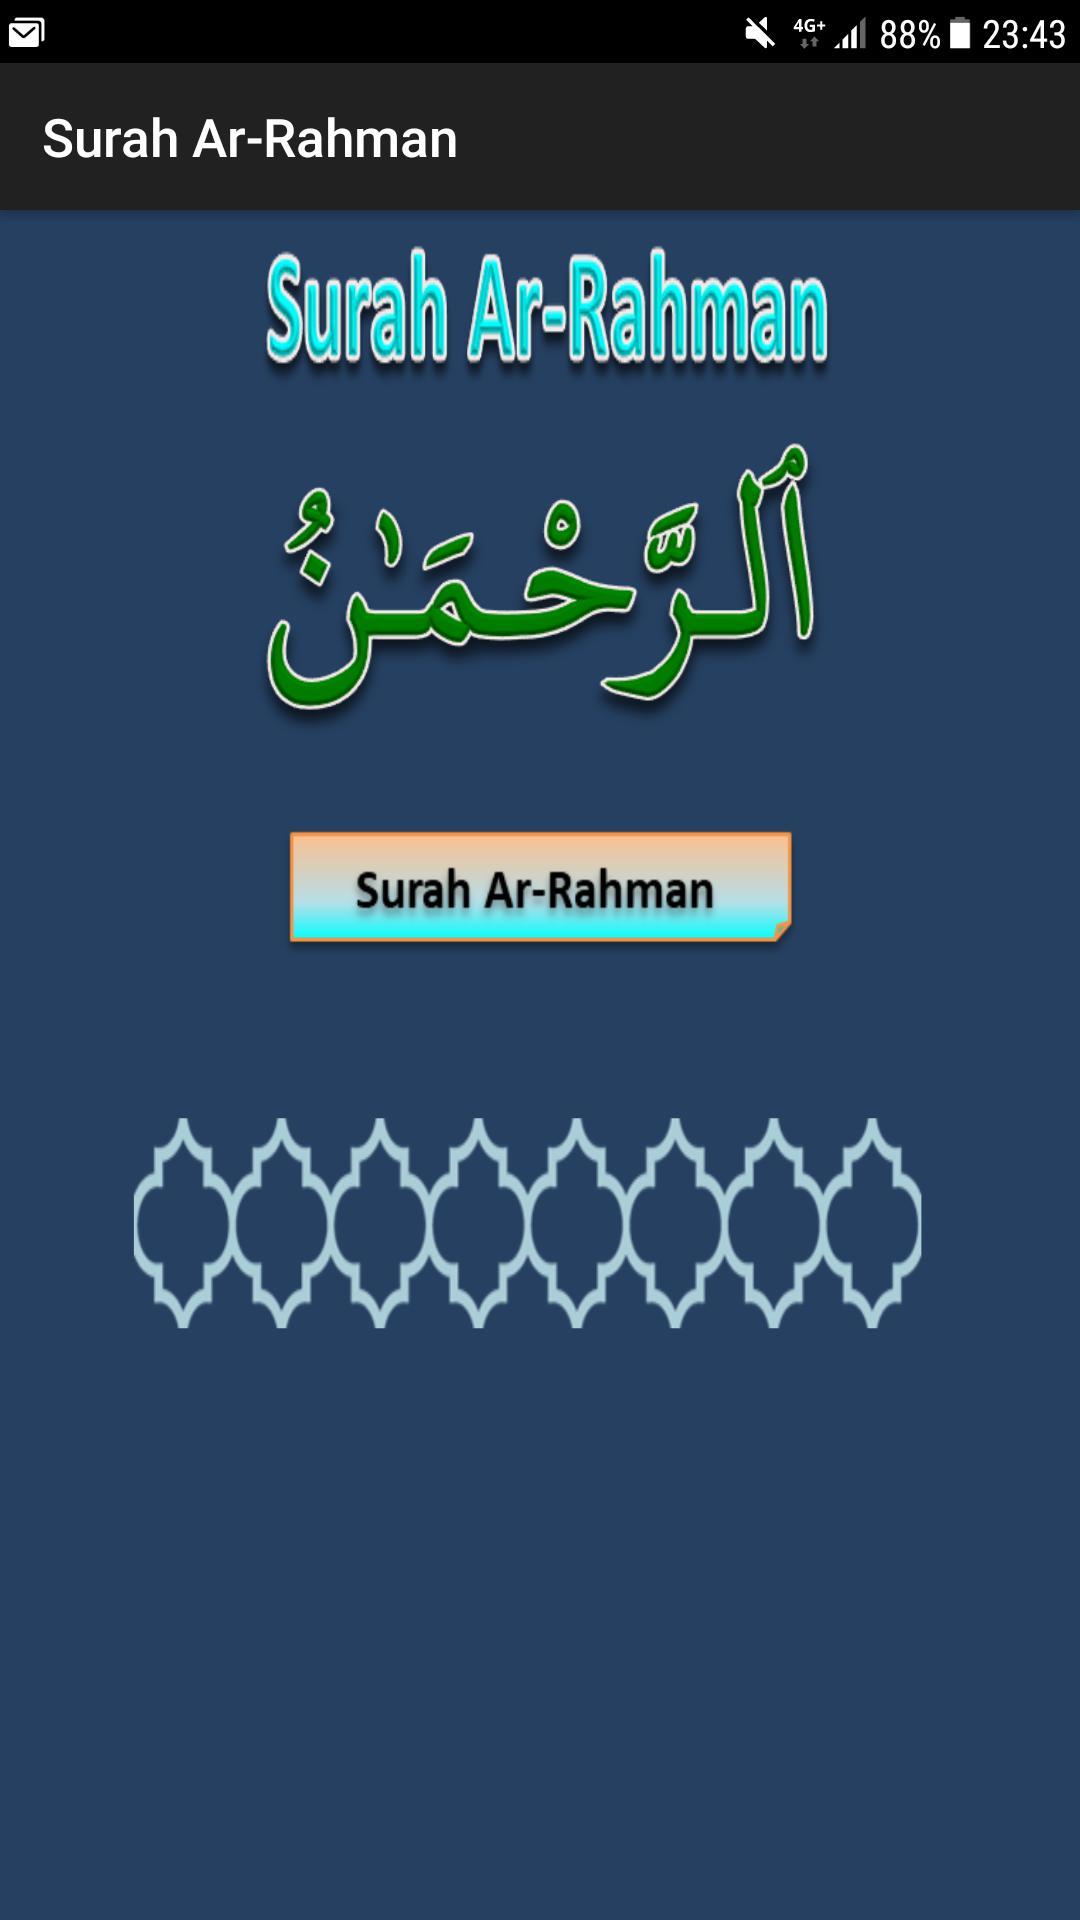 Surah Ar-Rahman poster